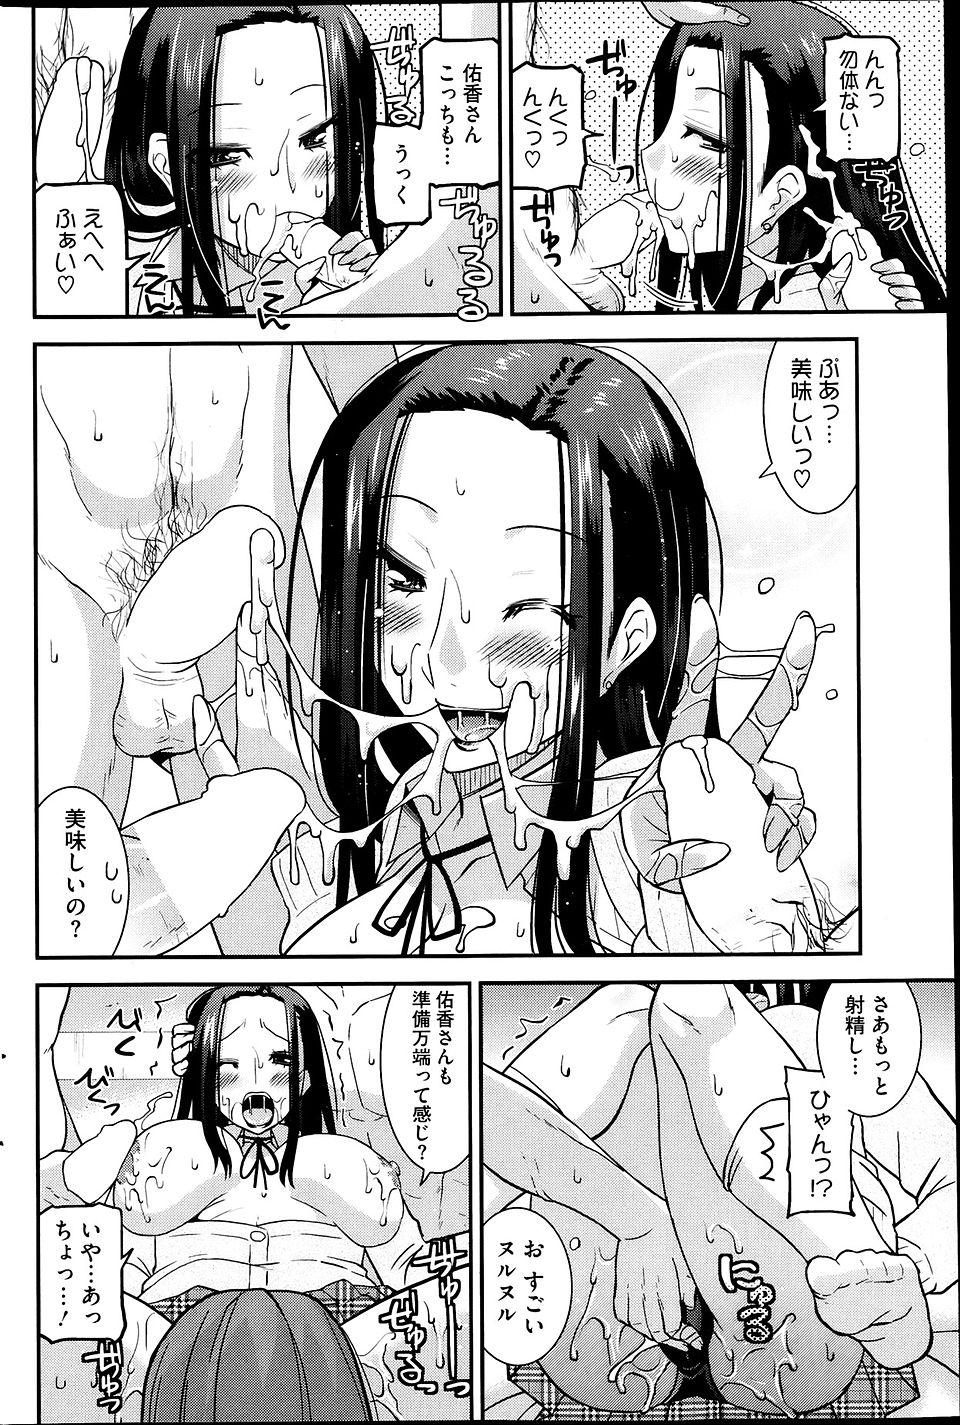 【エロ漫画・エロ同人】ちんこ大好き巨乳娘が4Pセックスしてるwwww (10)